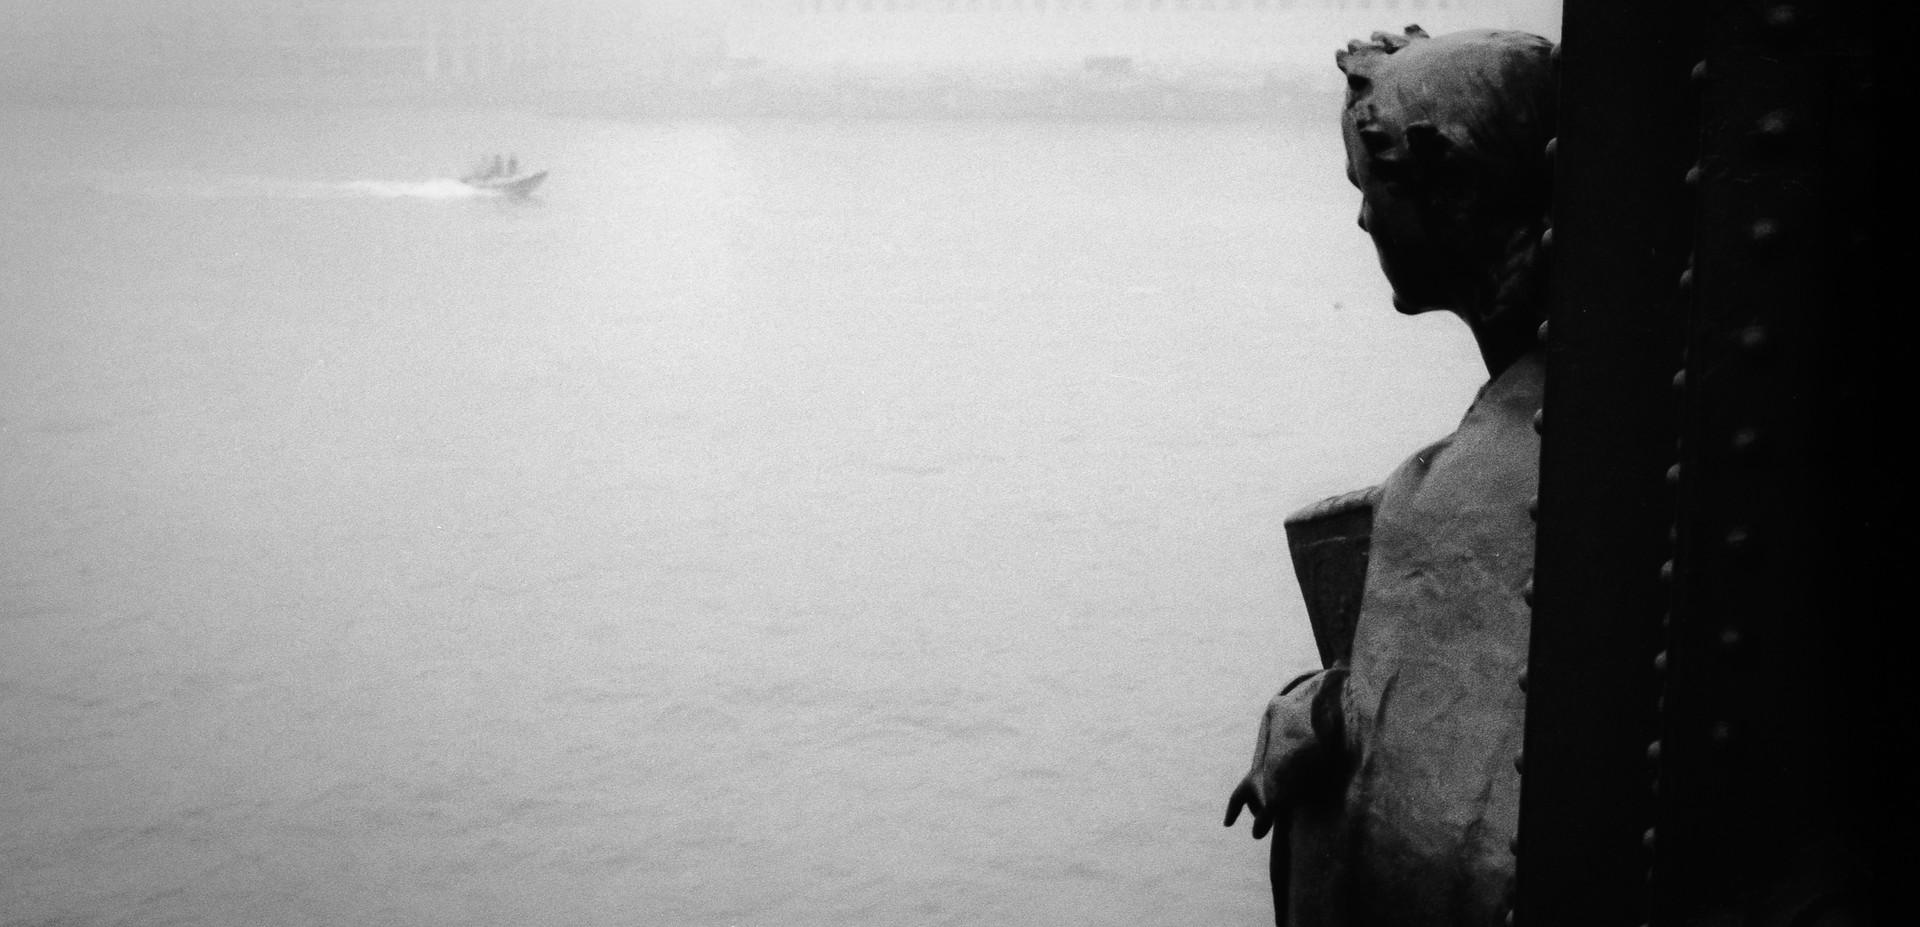 Garonne River_Toulouse, France 1992